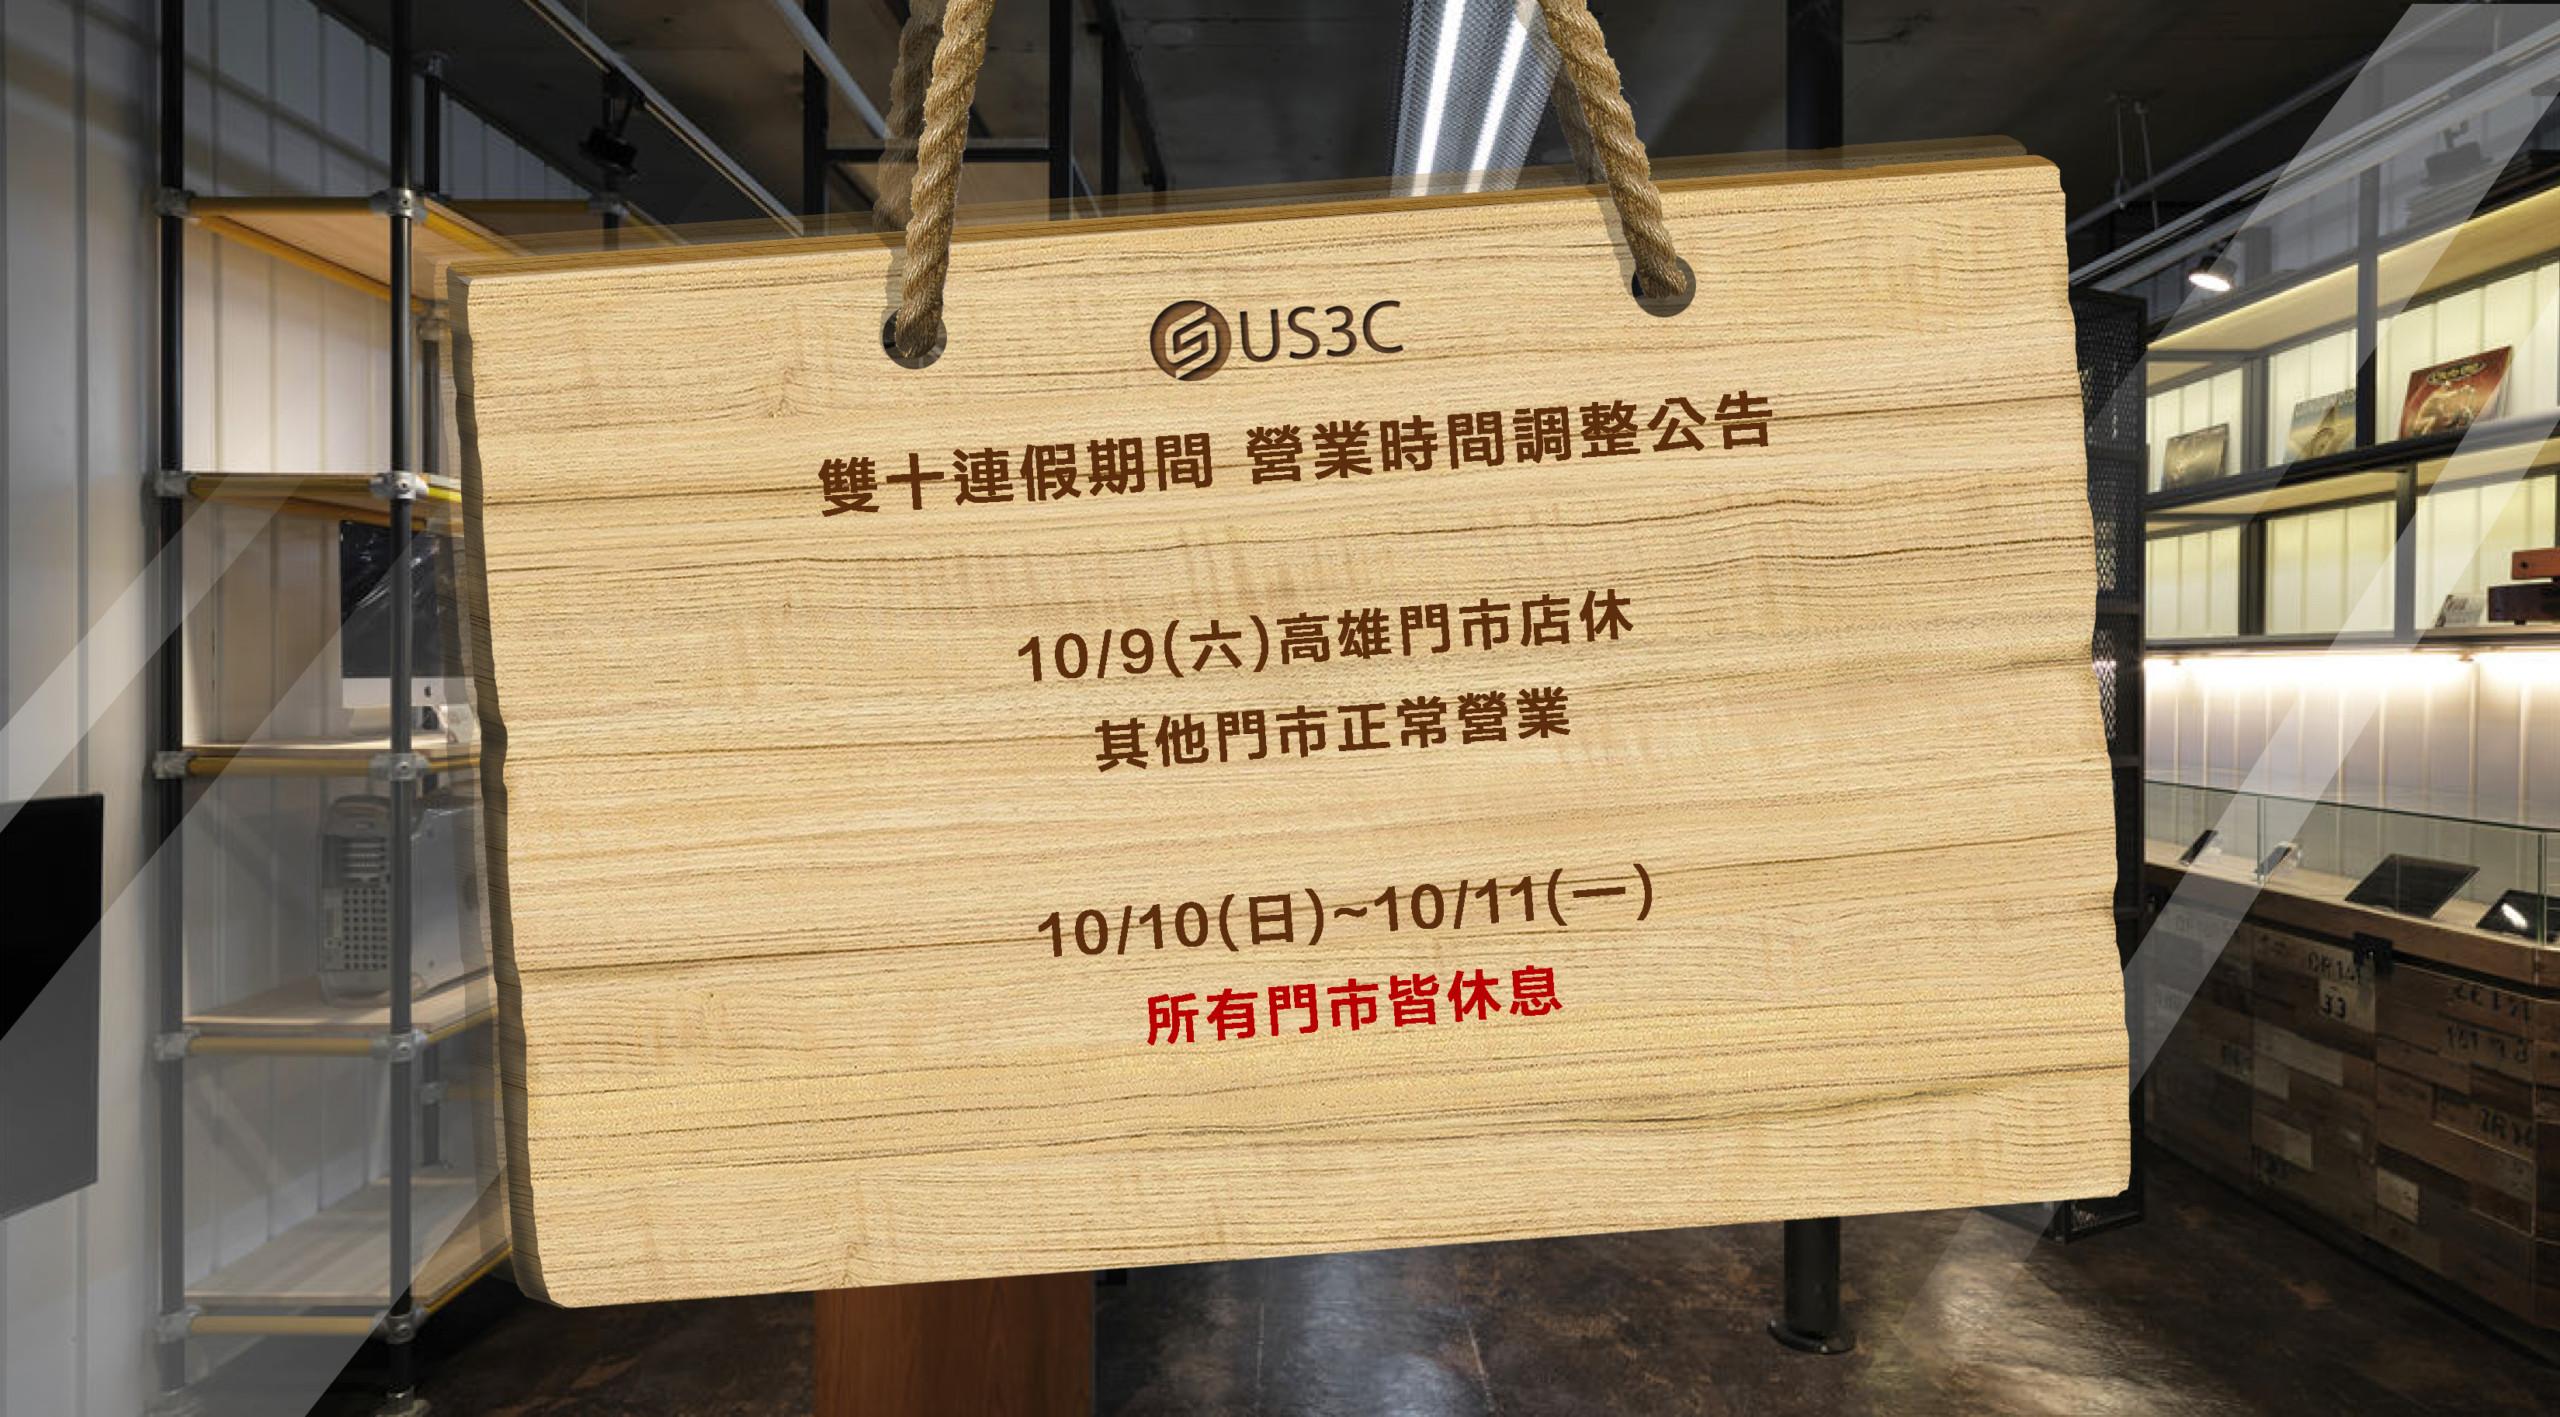 US3C - 台中英士店